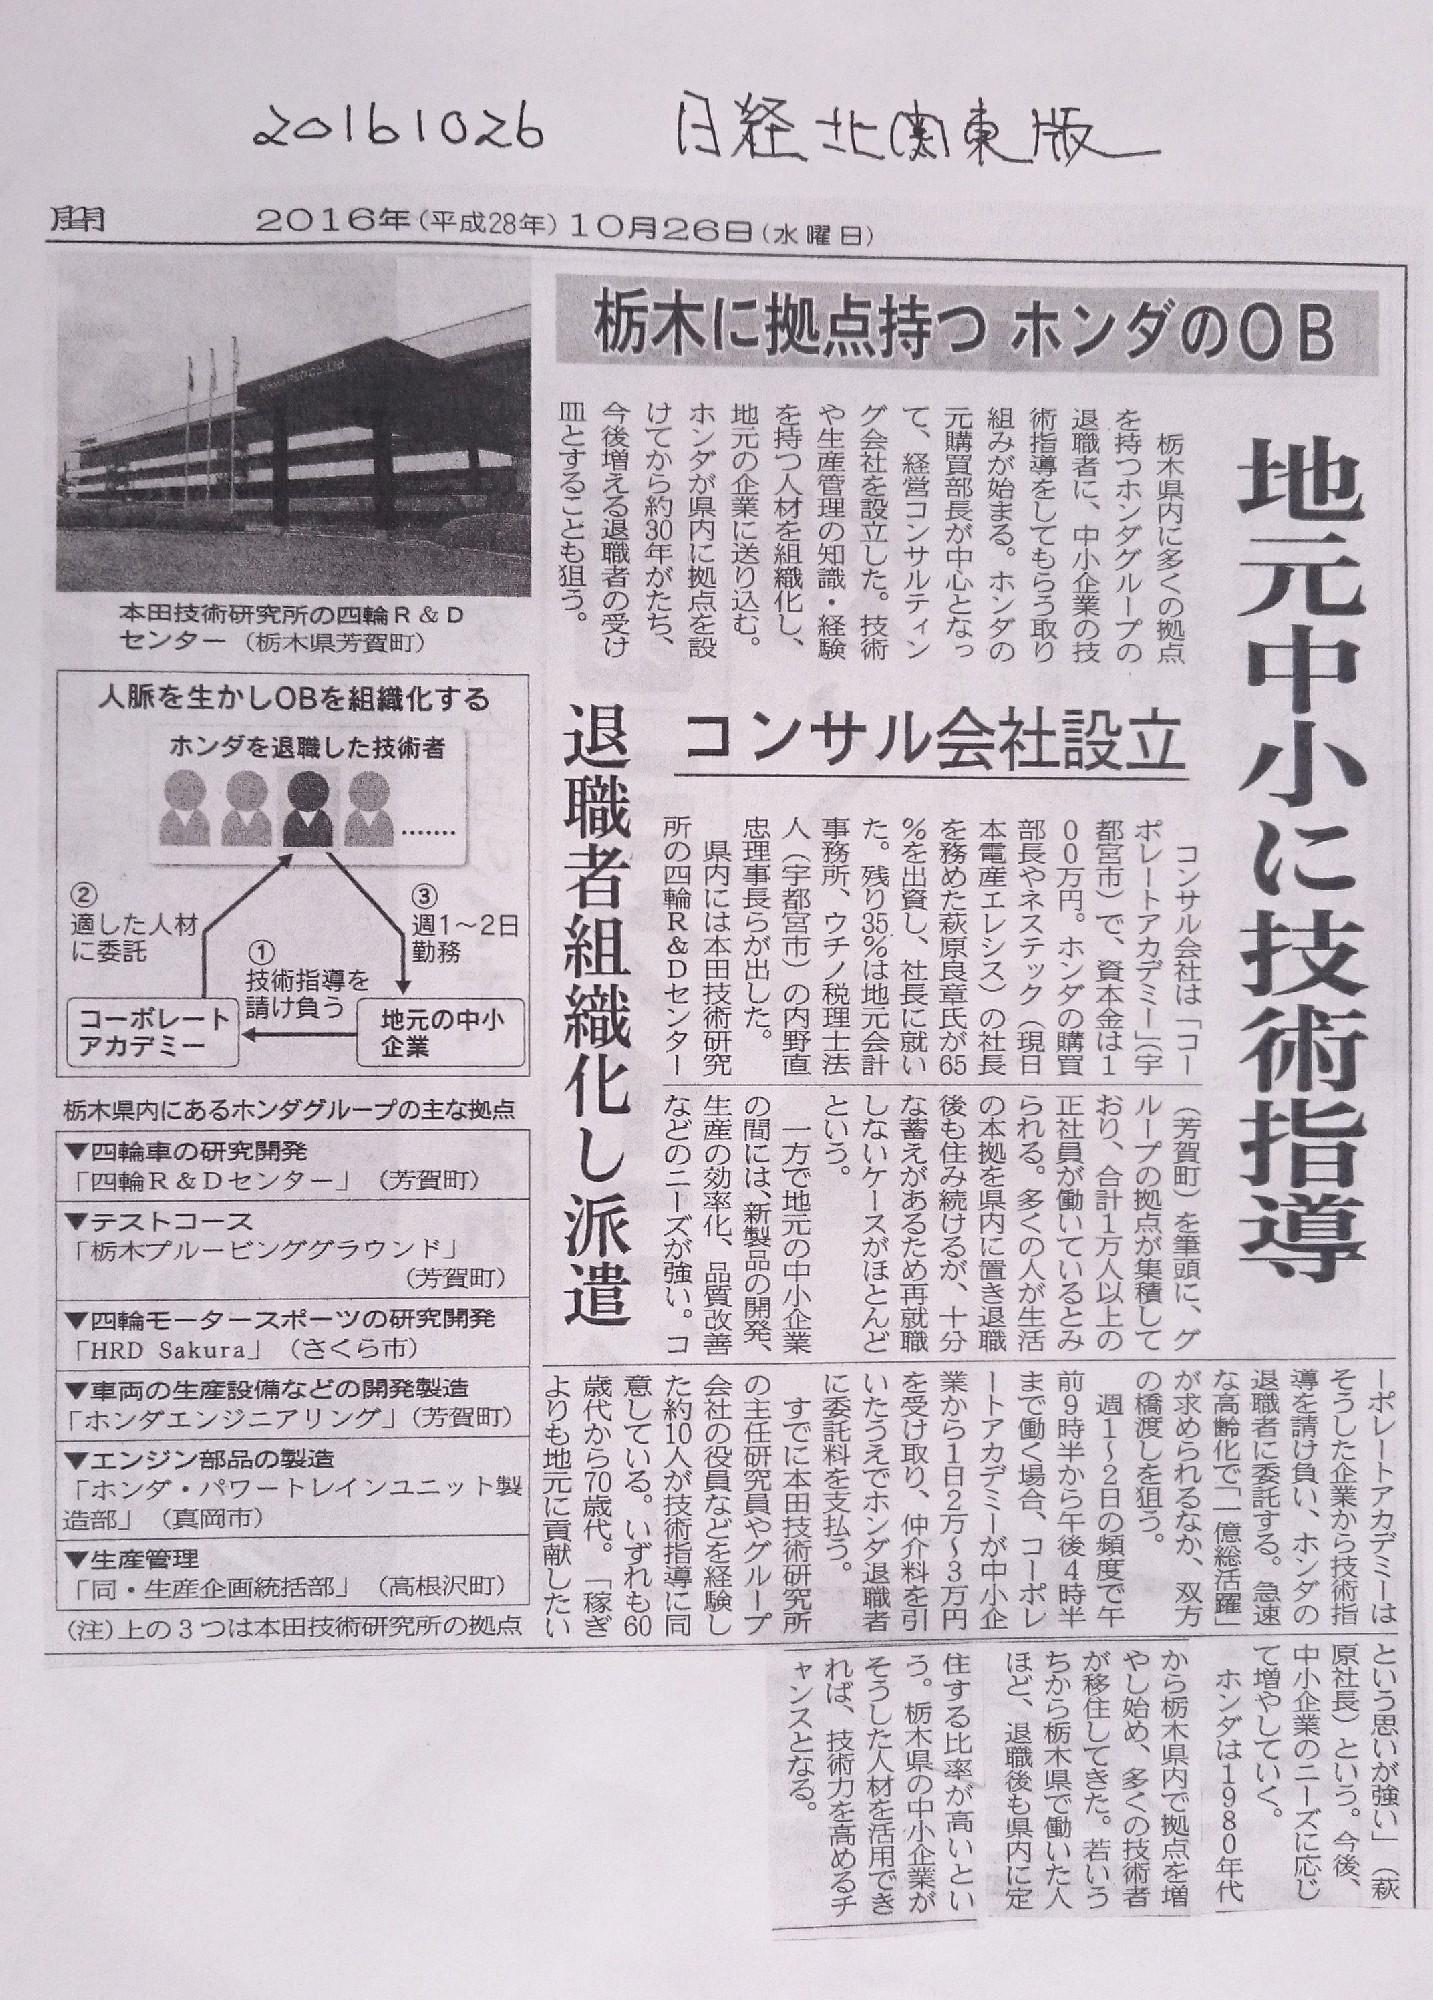 日本経済新聞で紹介される!!